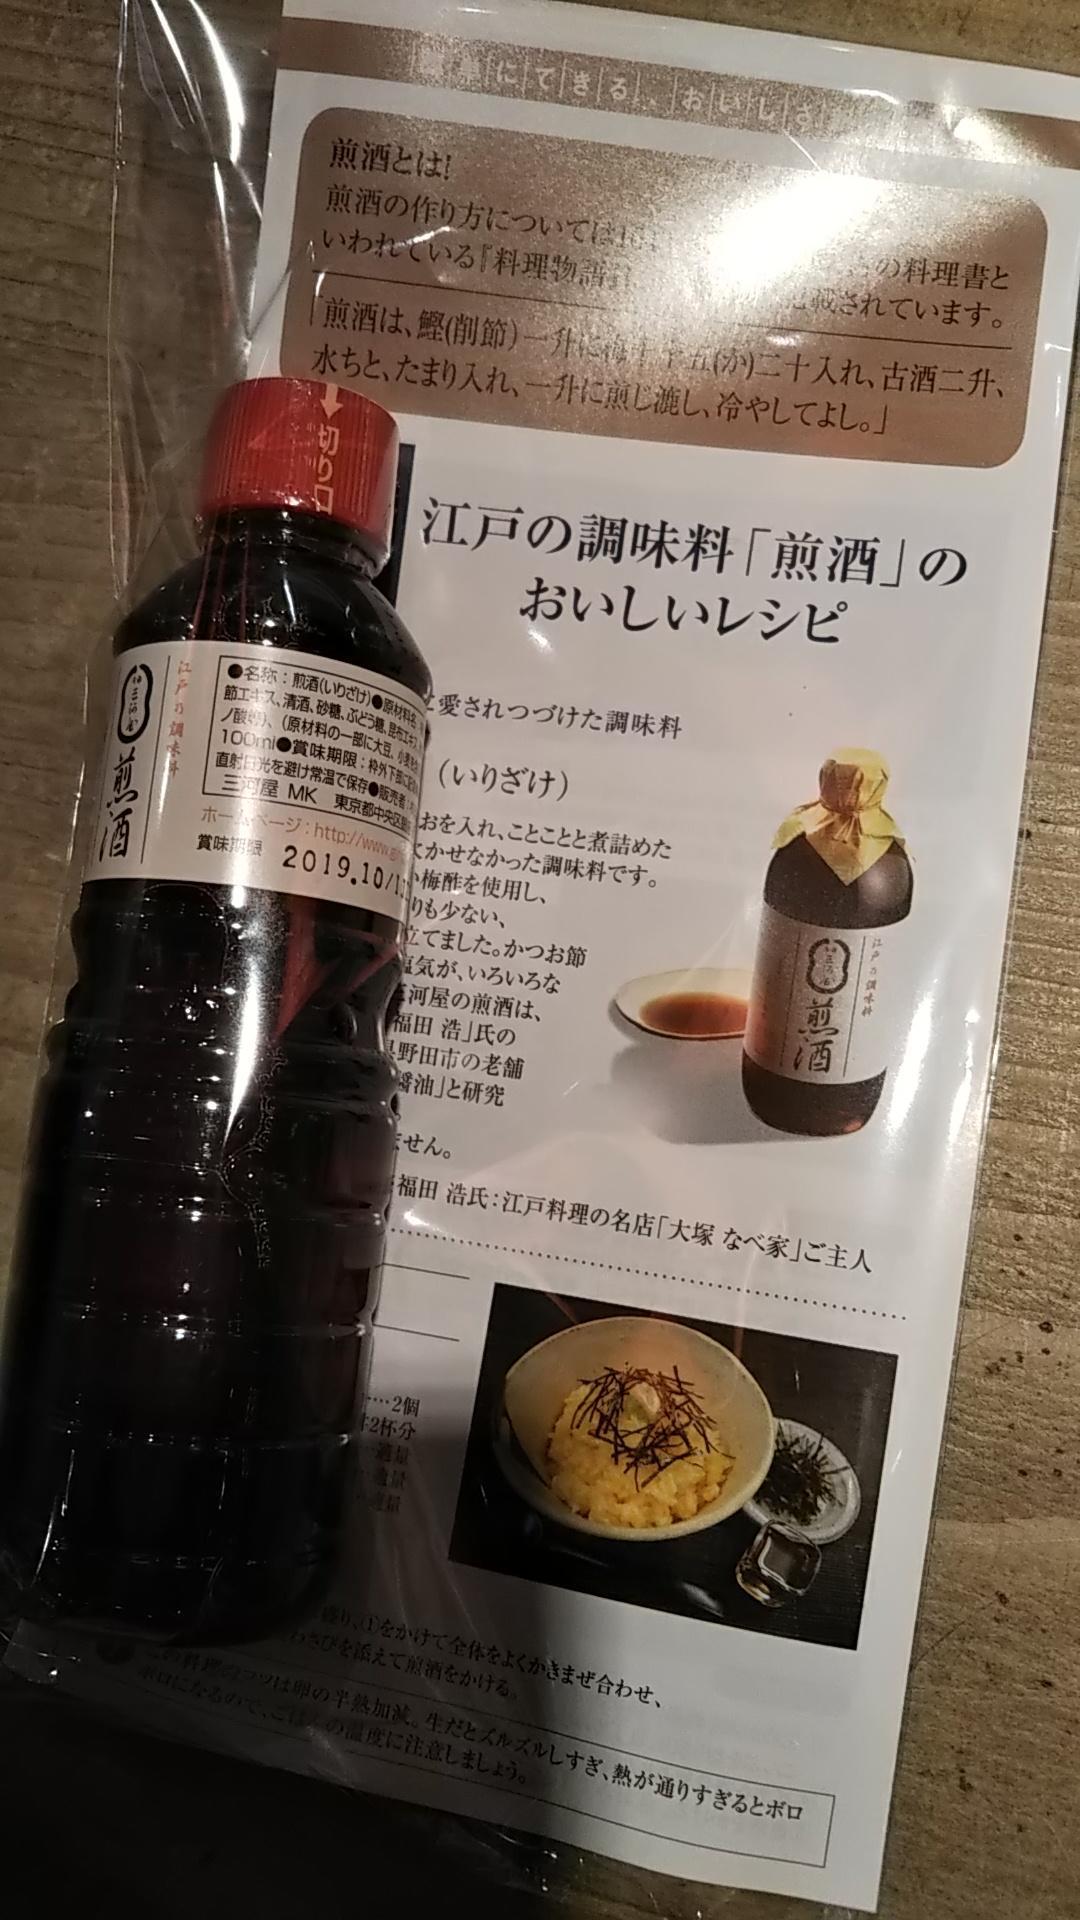 銀座三河屋プレゼントキャンペーン